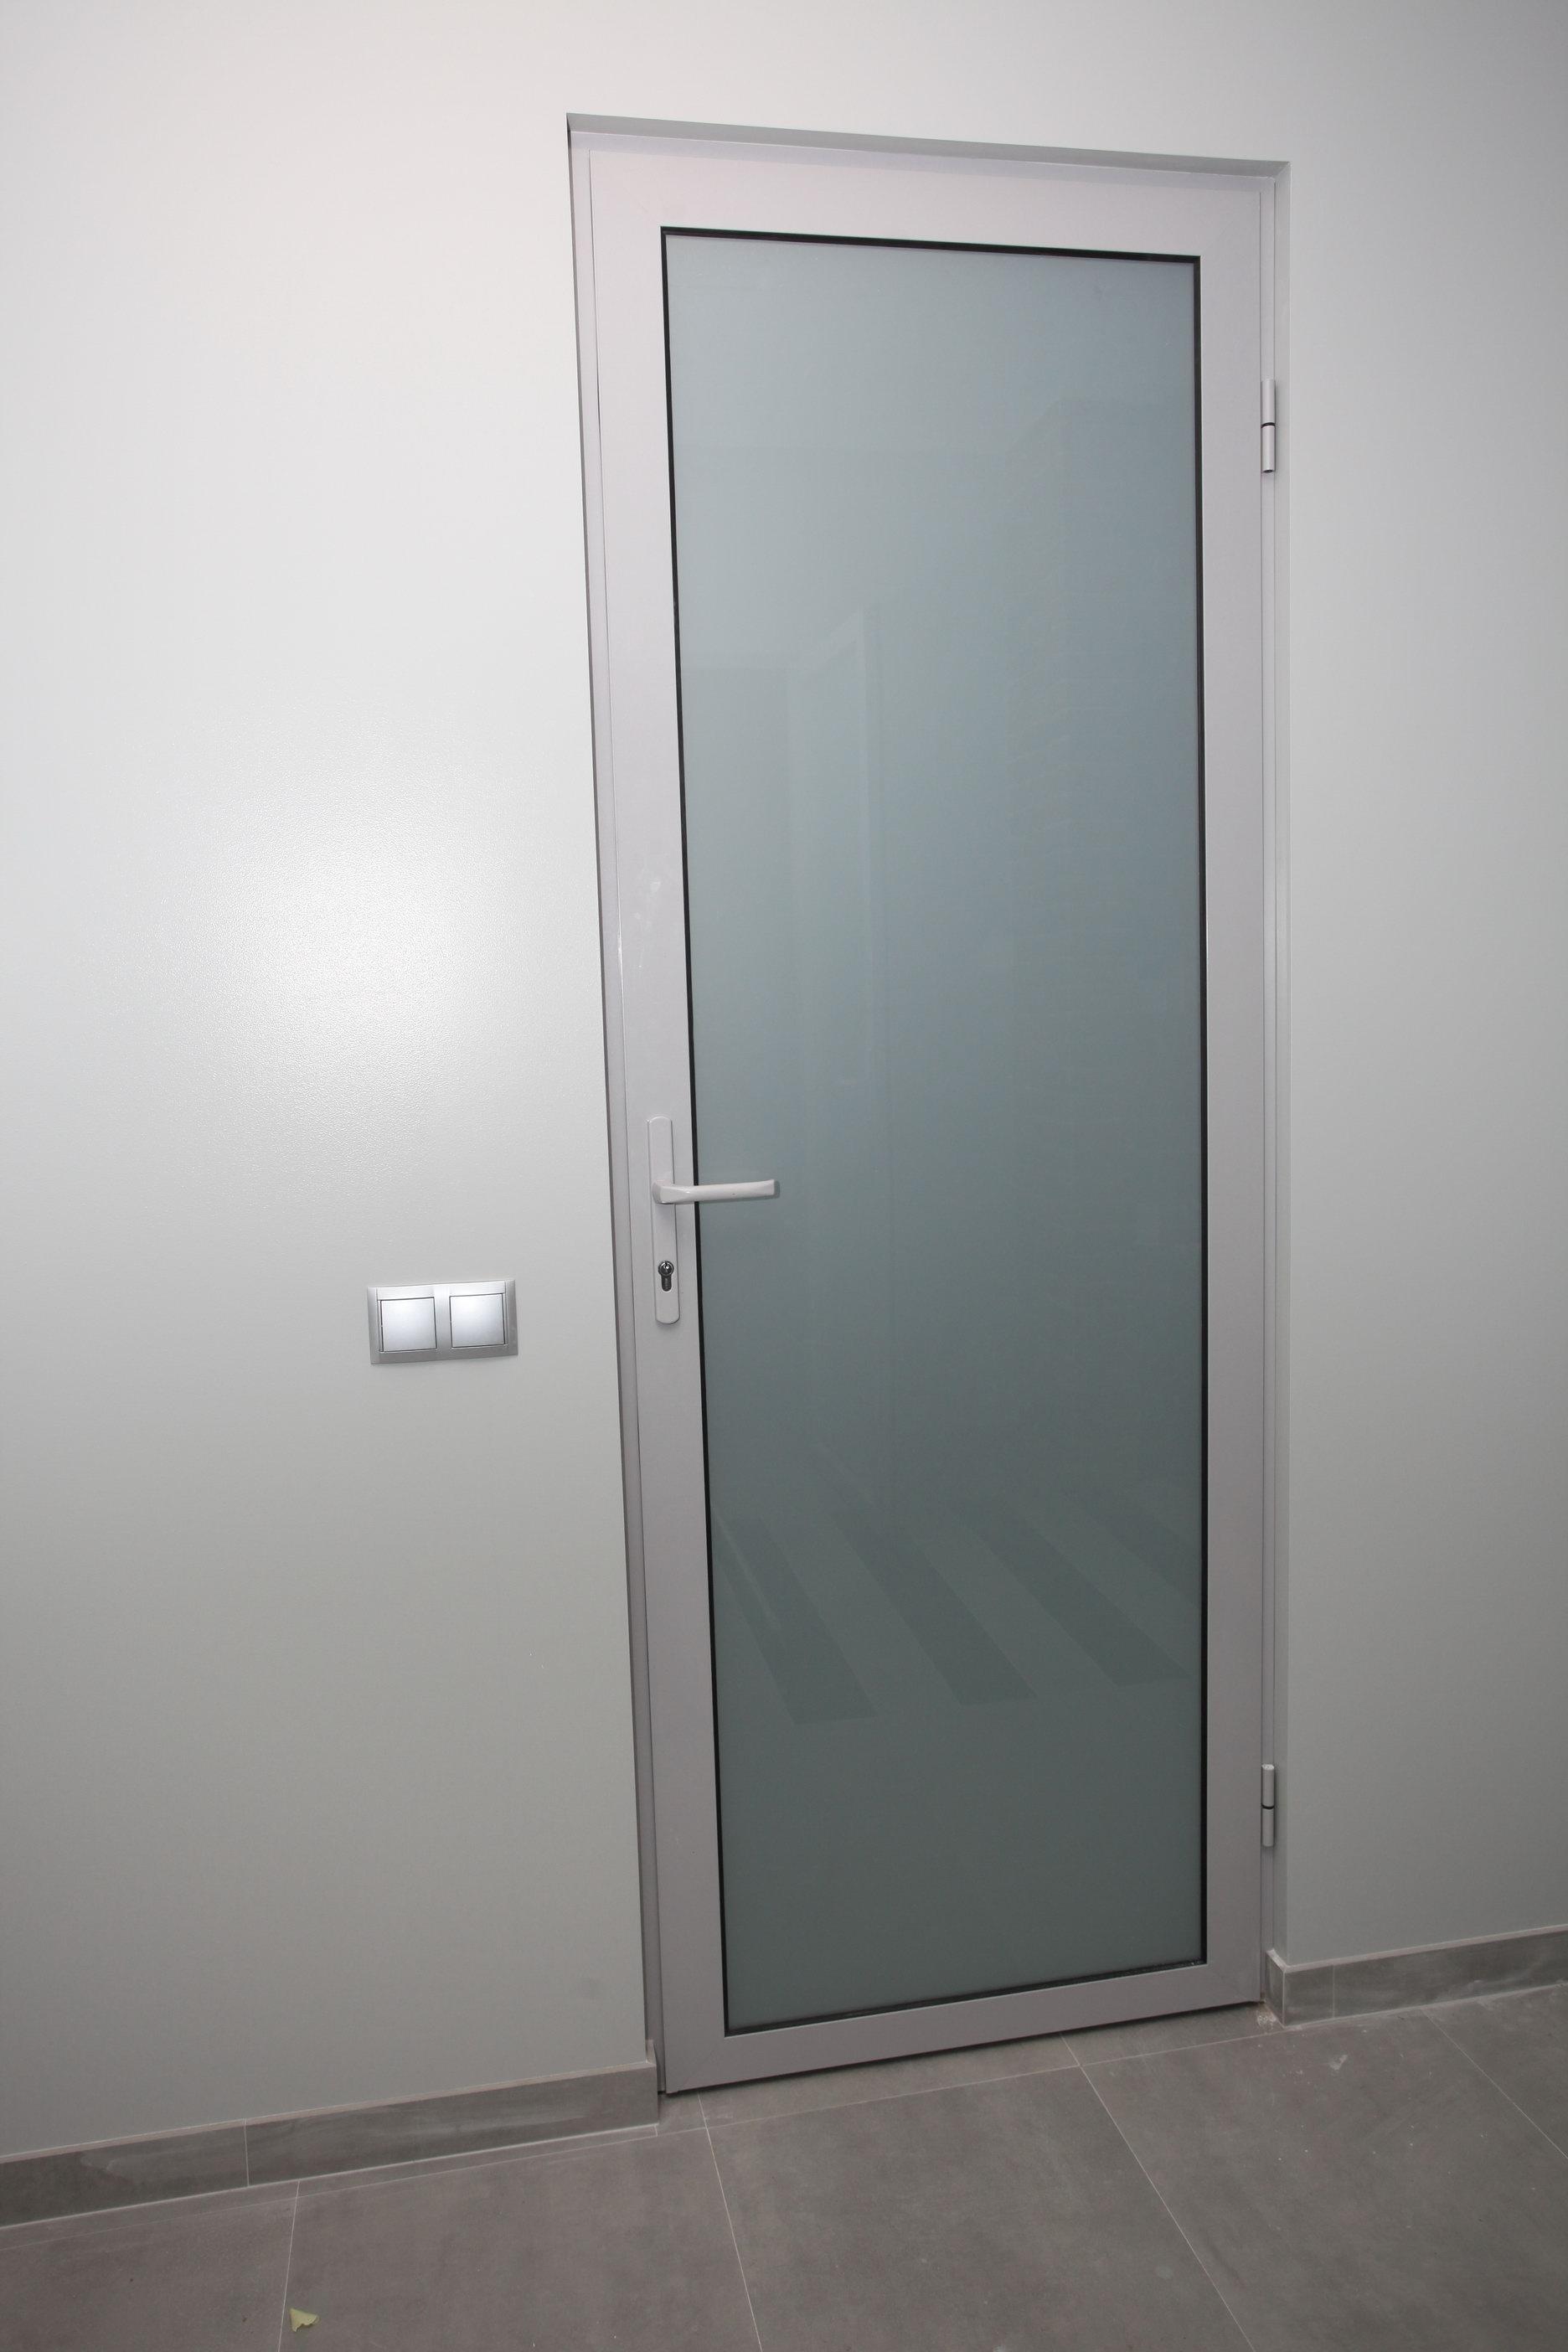 время входная пластиковая дверь с матовым стеклом фото знаю, кто